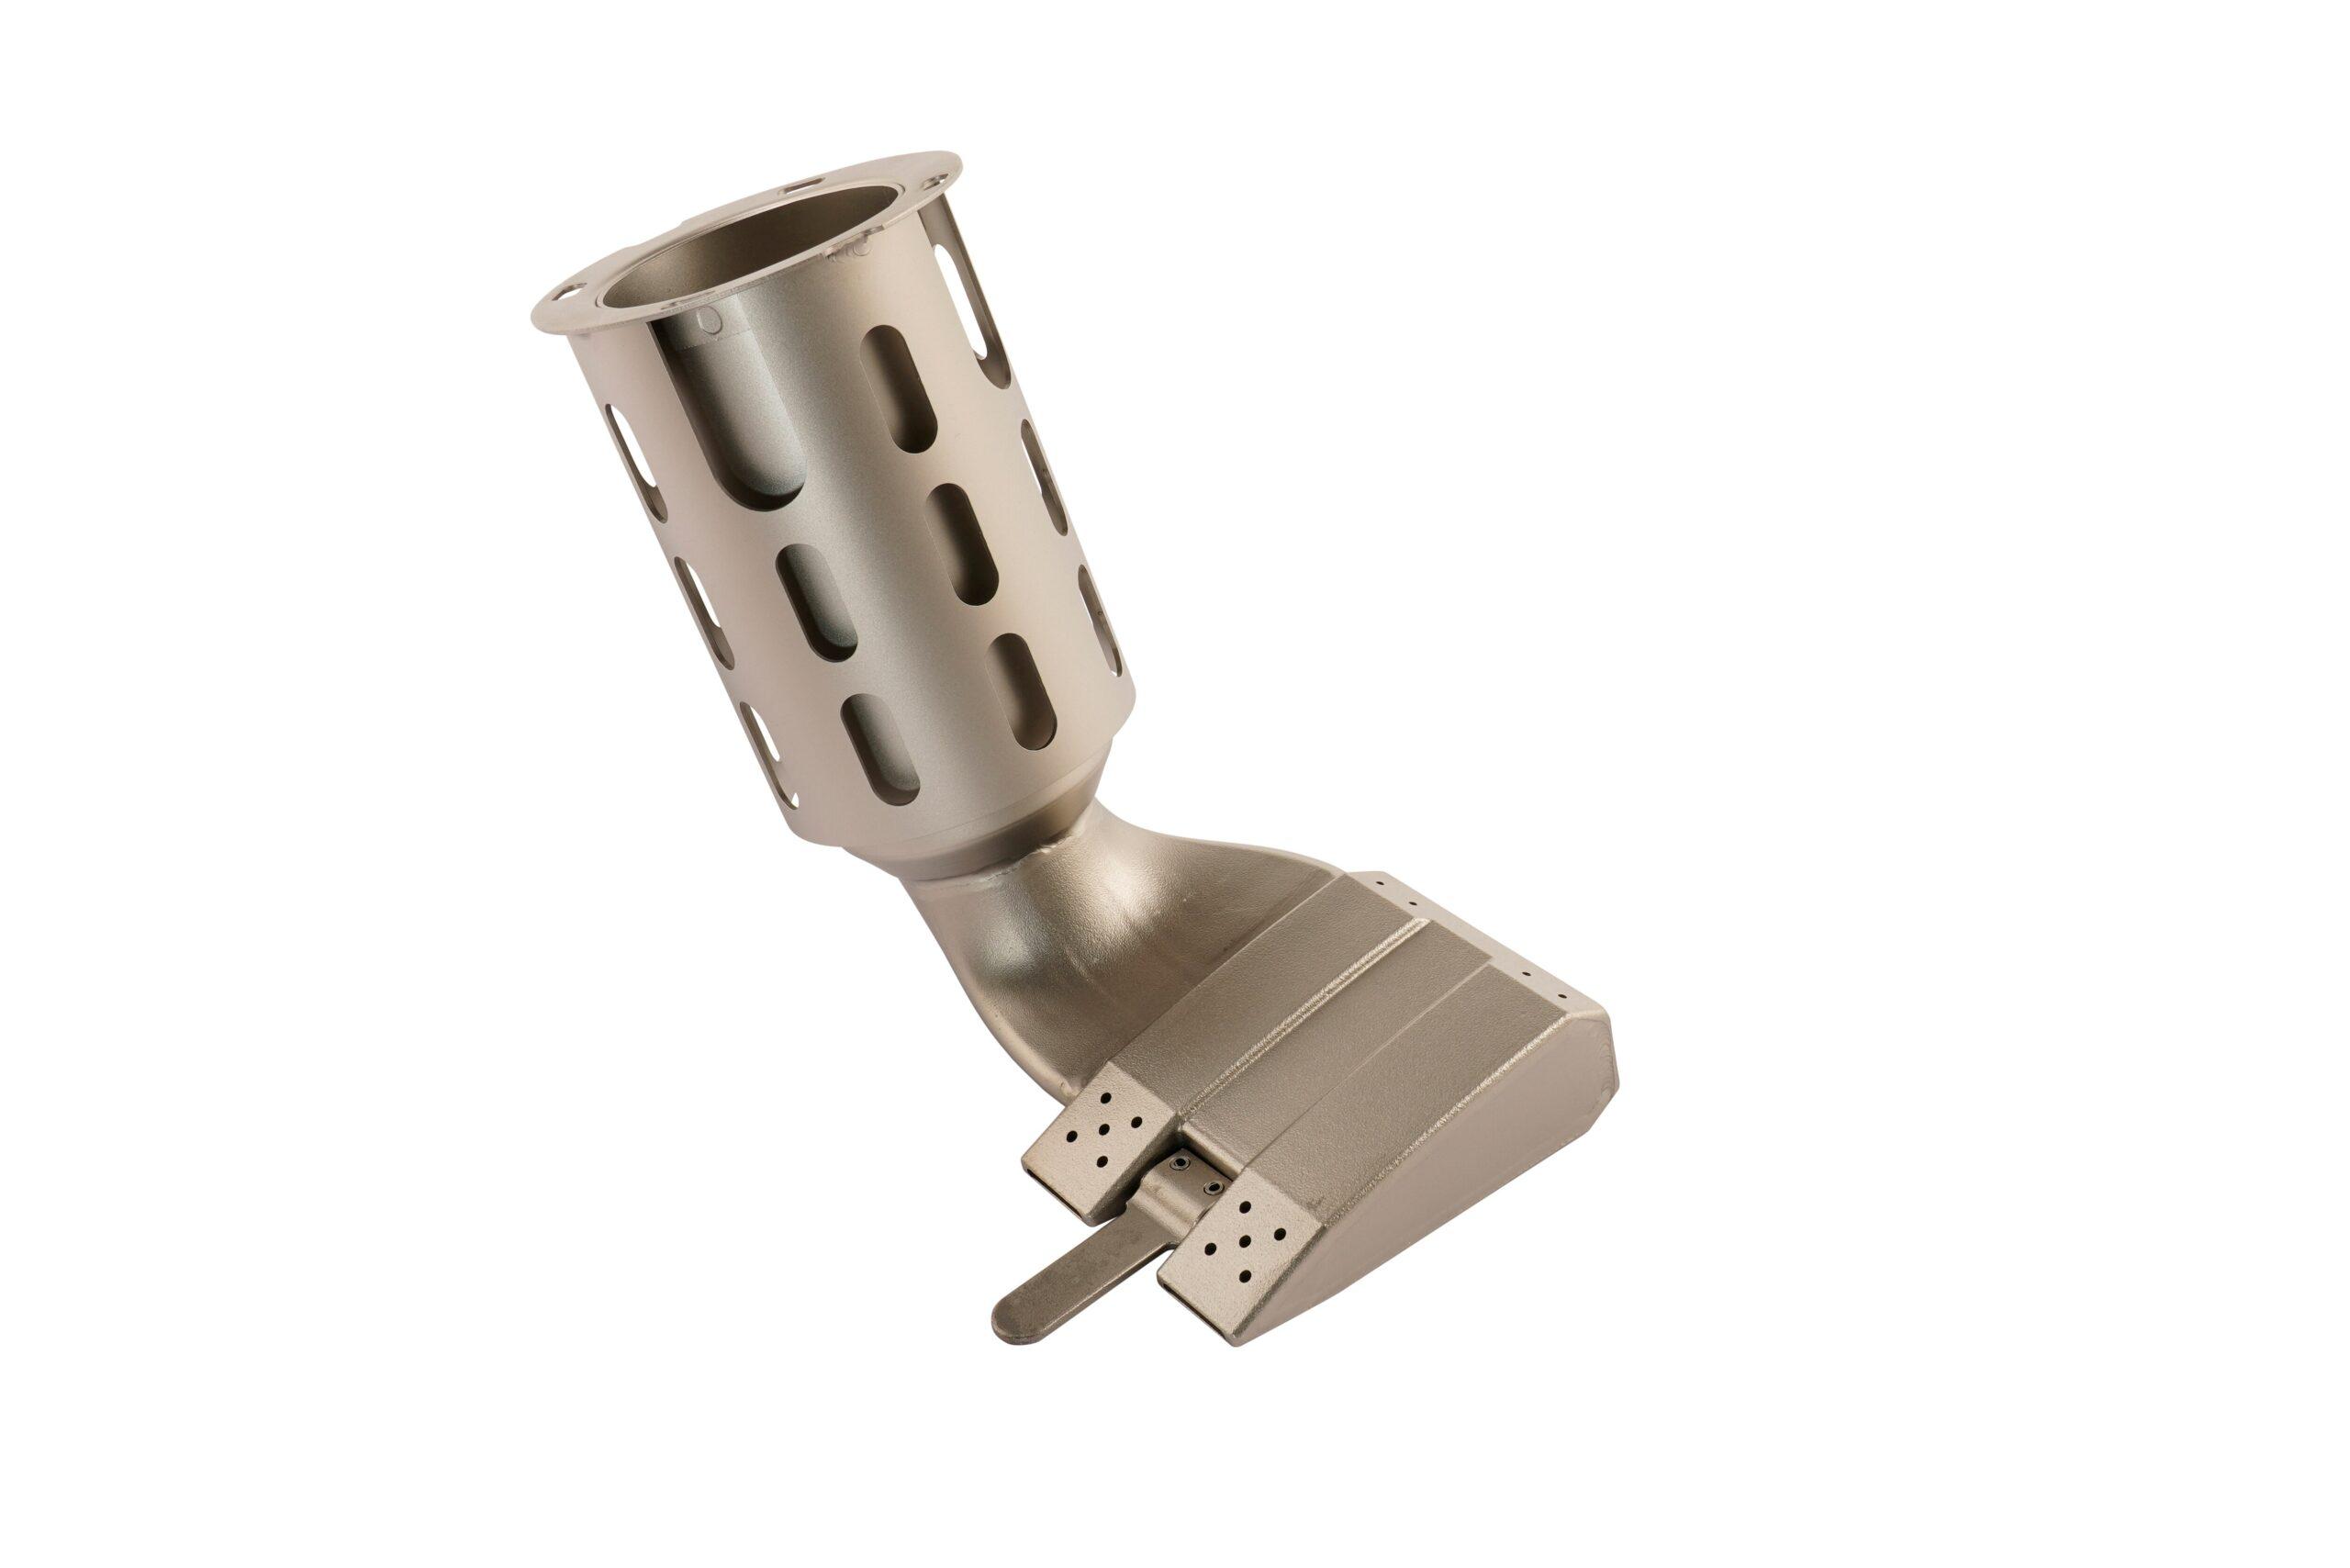 Dysza kombi długa 50mm z kanałem kontrolnym; Twinny T5 / T7 – 155.629